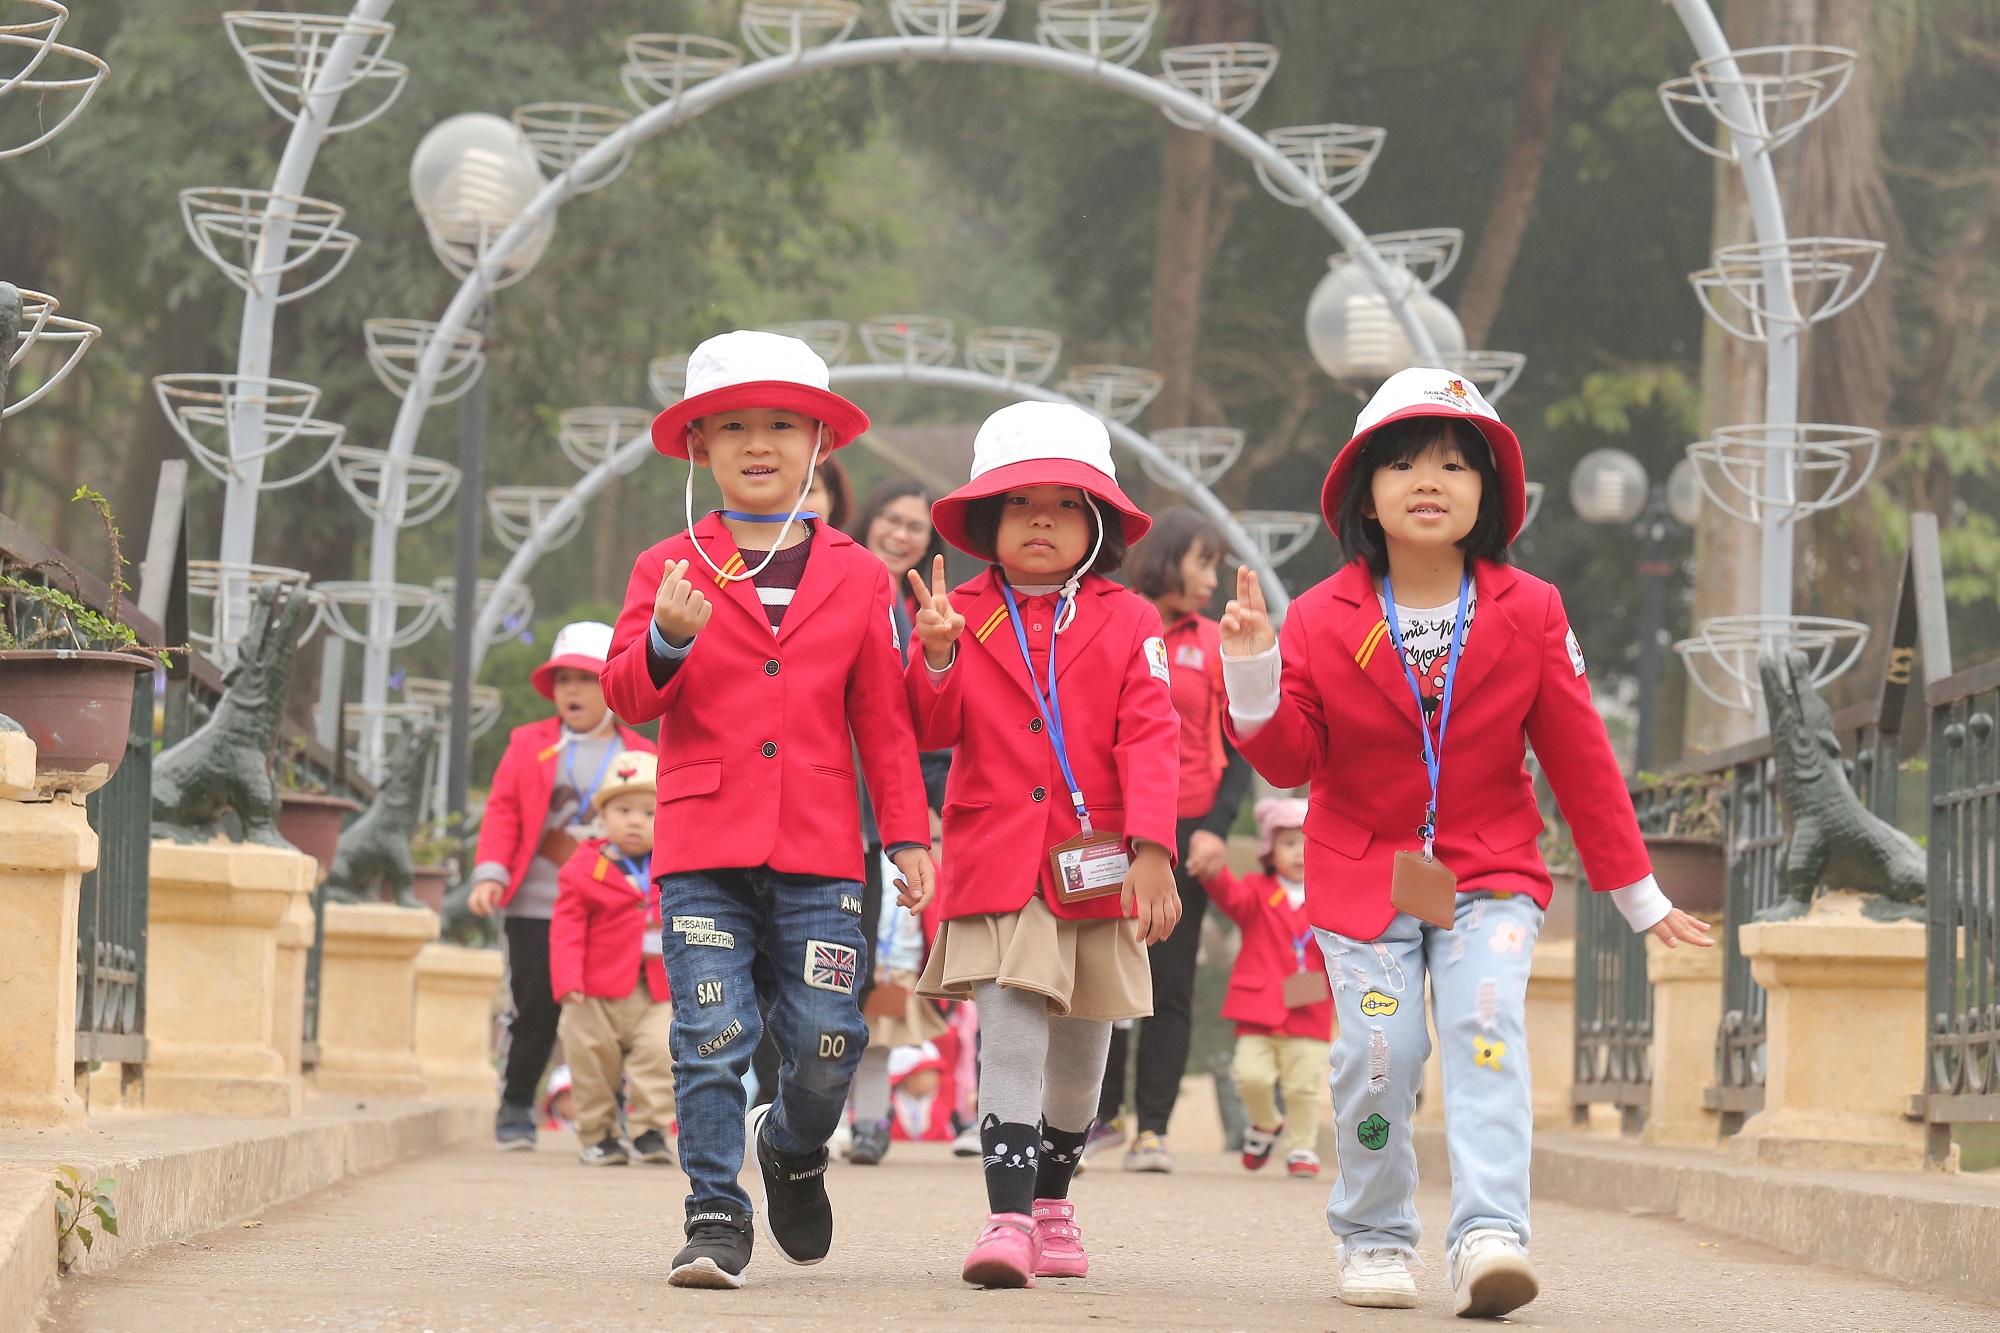 Sau chuyến đi này, các bé không chỉ được rèn luyện về ý thức tập thể, tính tự lập mà còn được học thêm một số kĩ năng quan trọng khác như: biết đi theo sự hướng dẫn của các cô giáo, không đi theo người lạ...